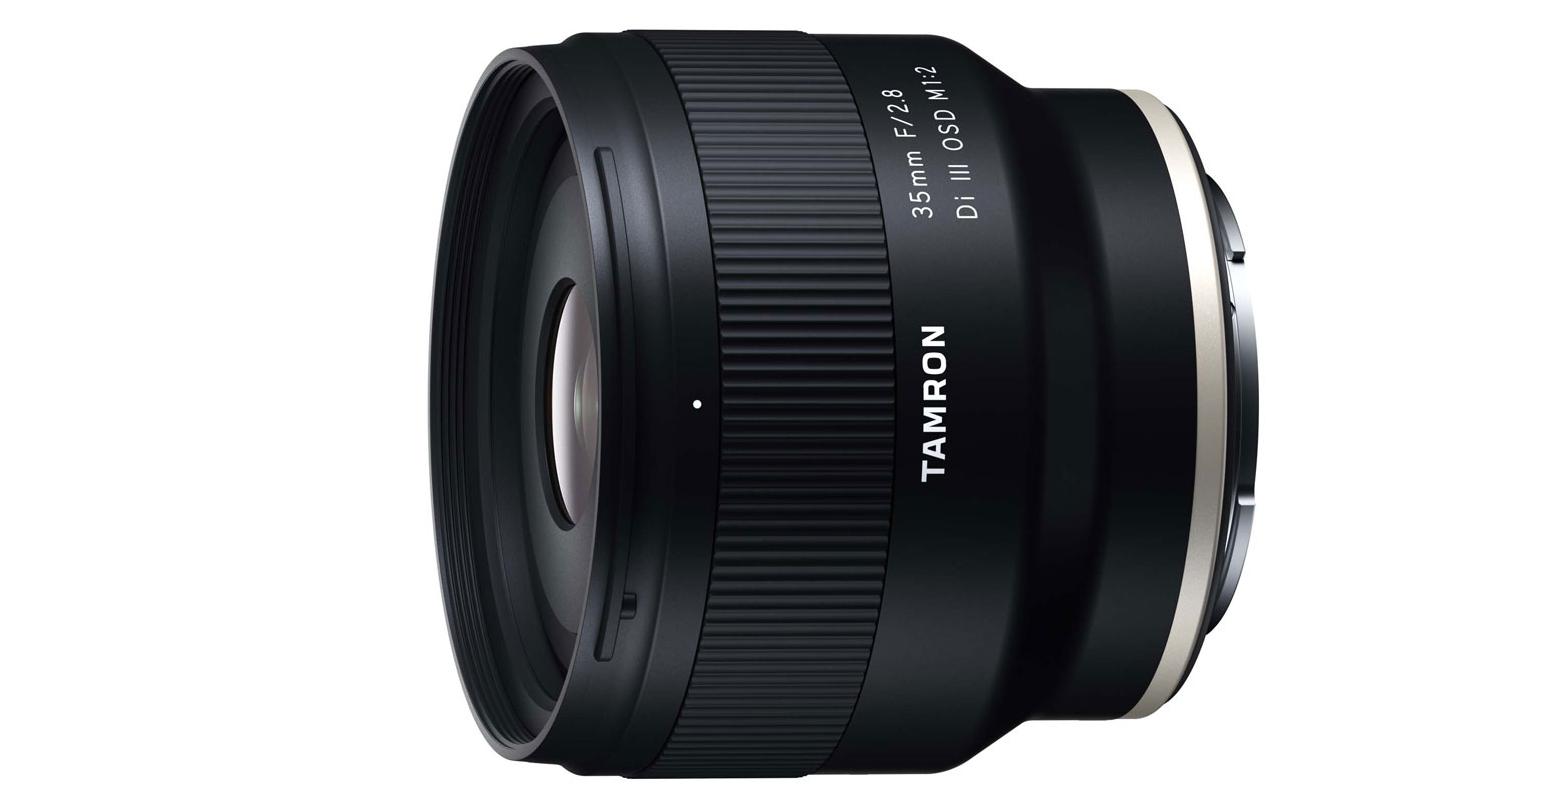 Tamron 35 mm f/2,8 Di III OSD M1:2.